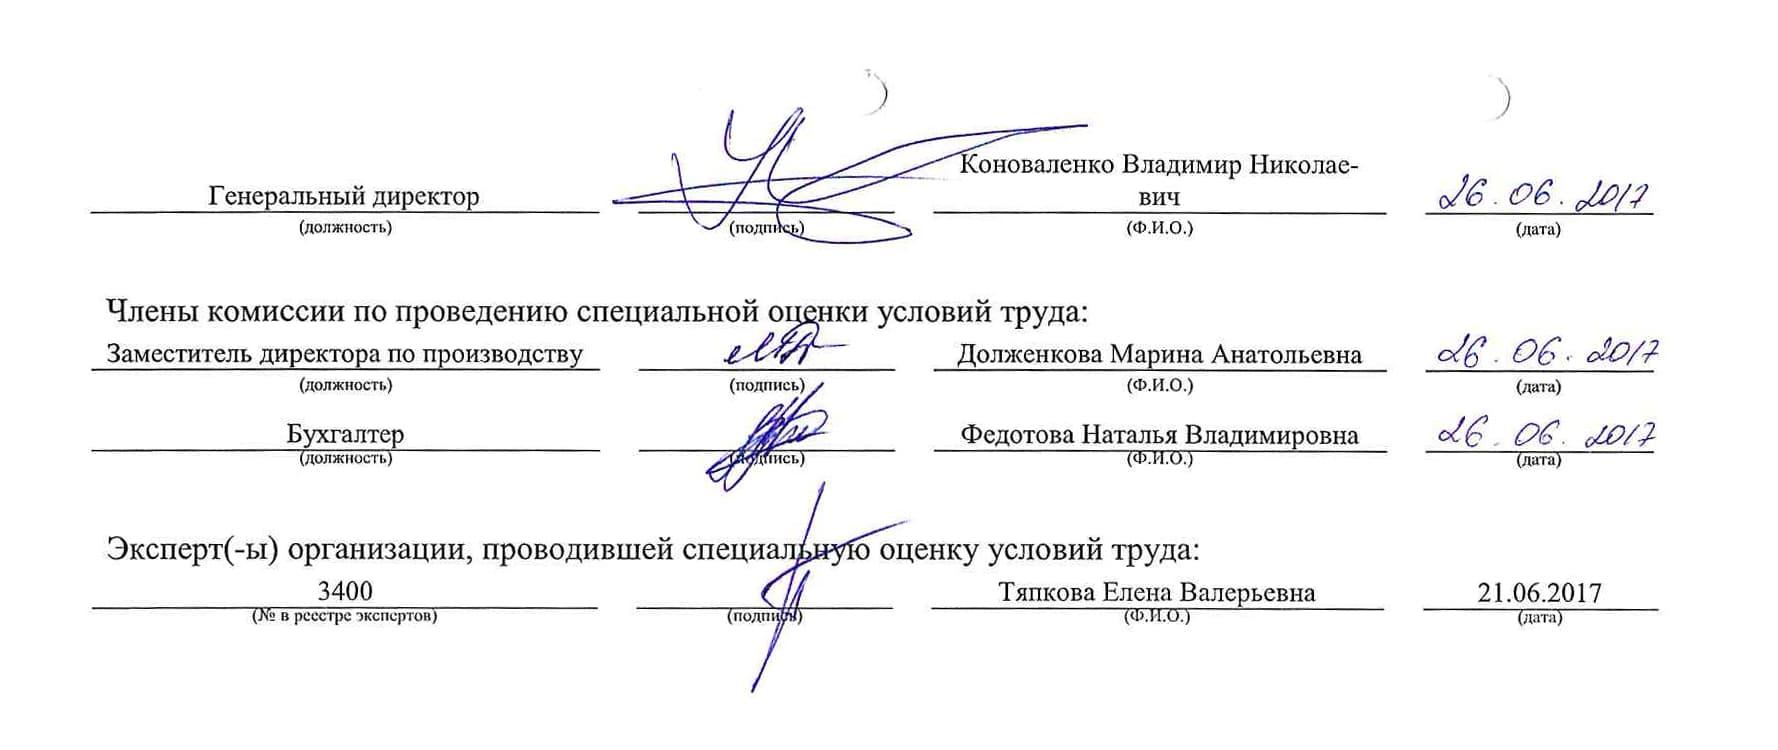 Подписи под ведомостью